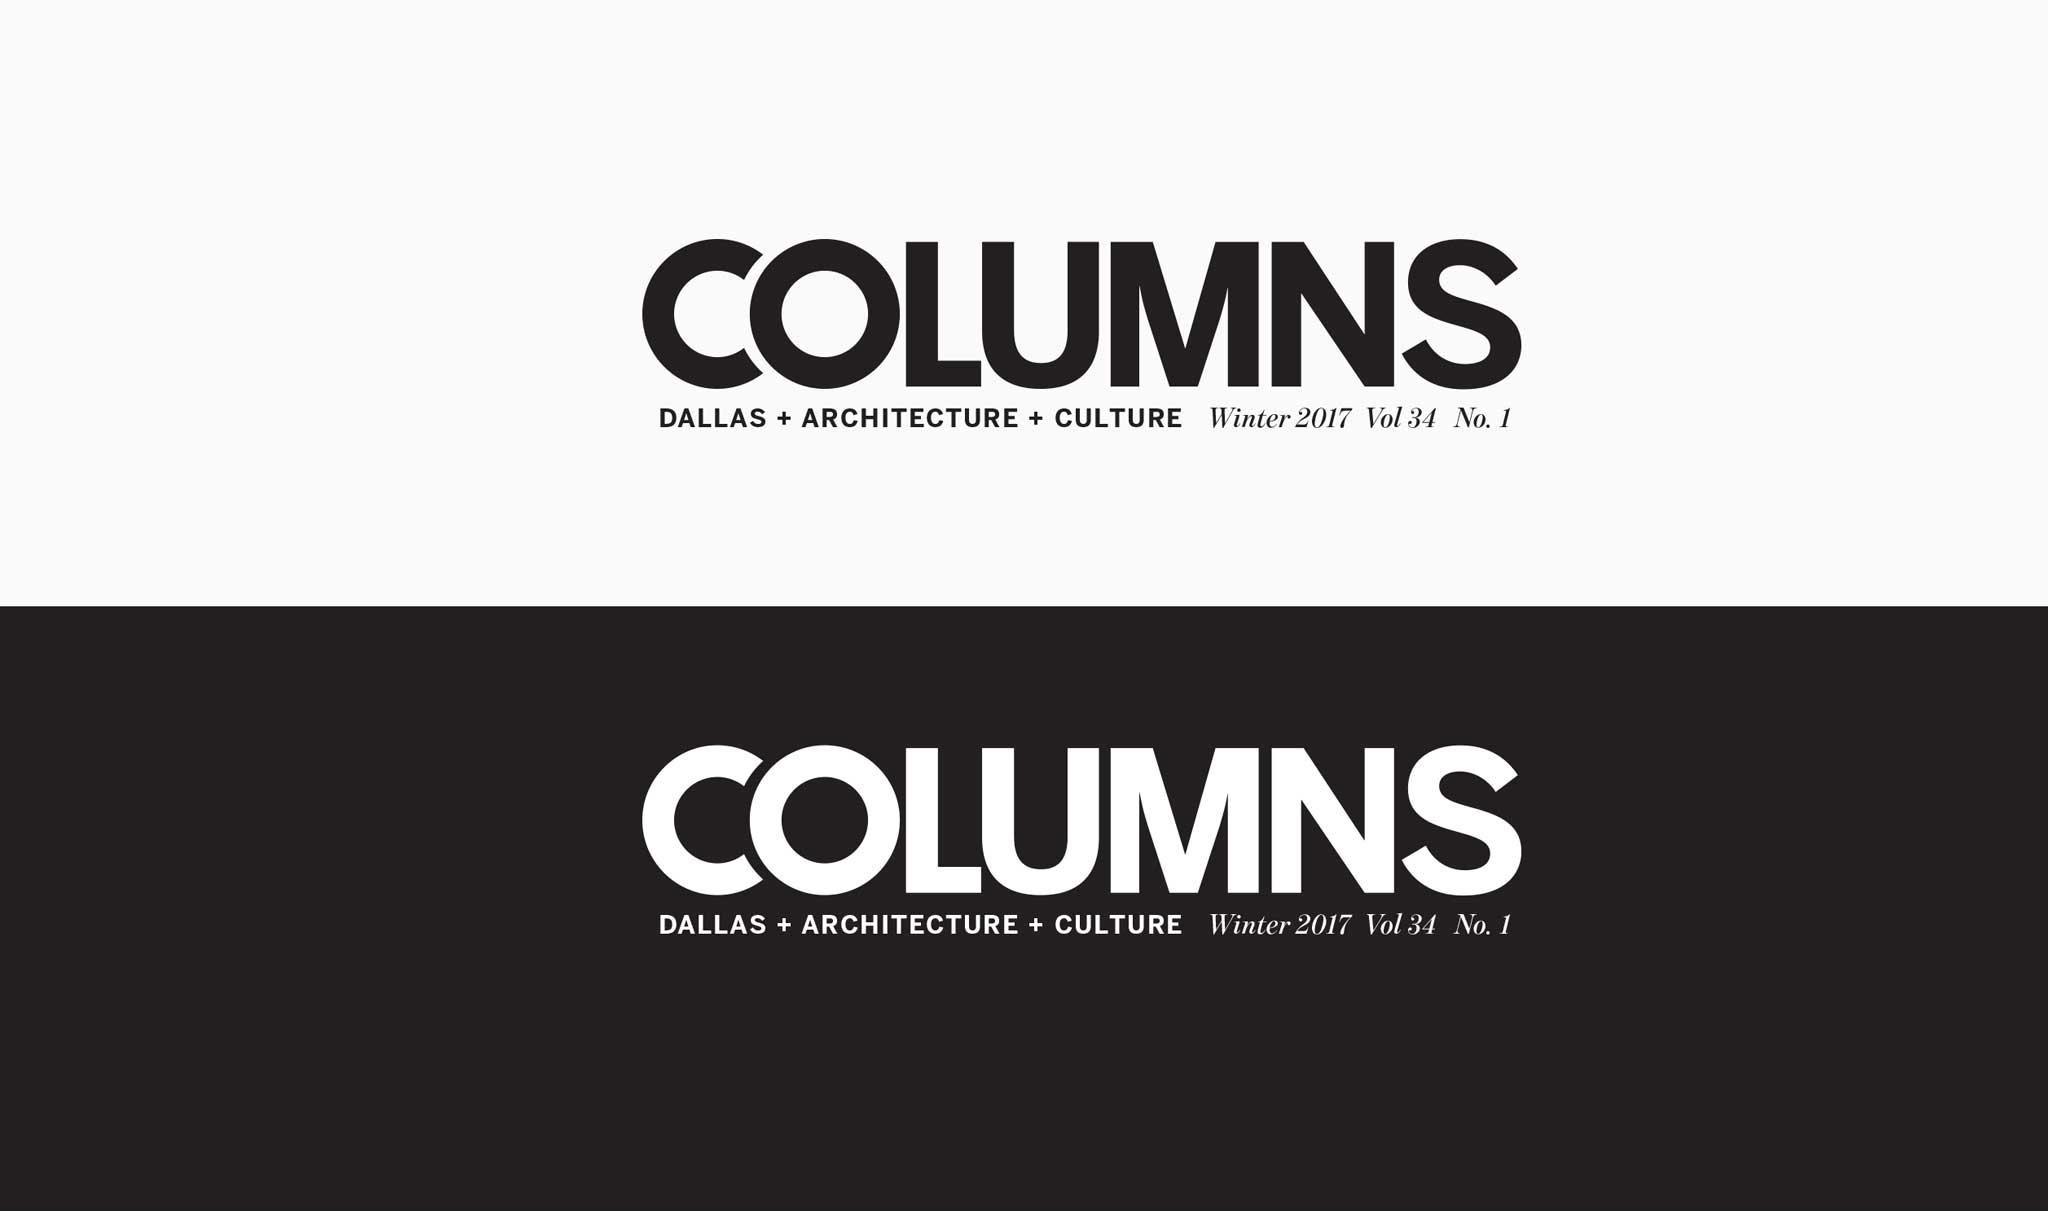 Columns_Final_Logo.jpg